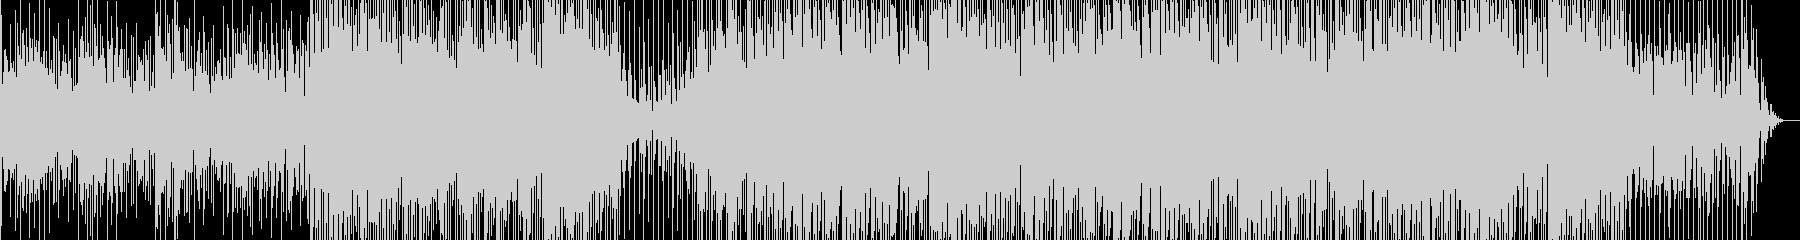 エスニック。リズミカル。ハートビー...の未再生の波形